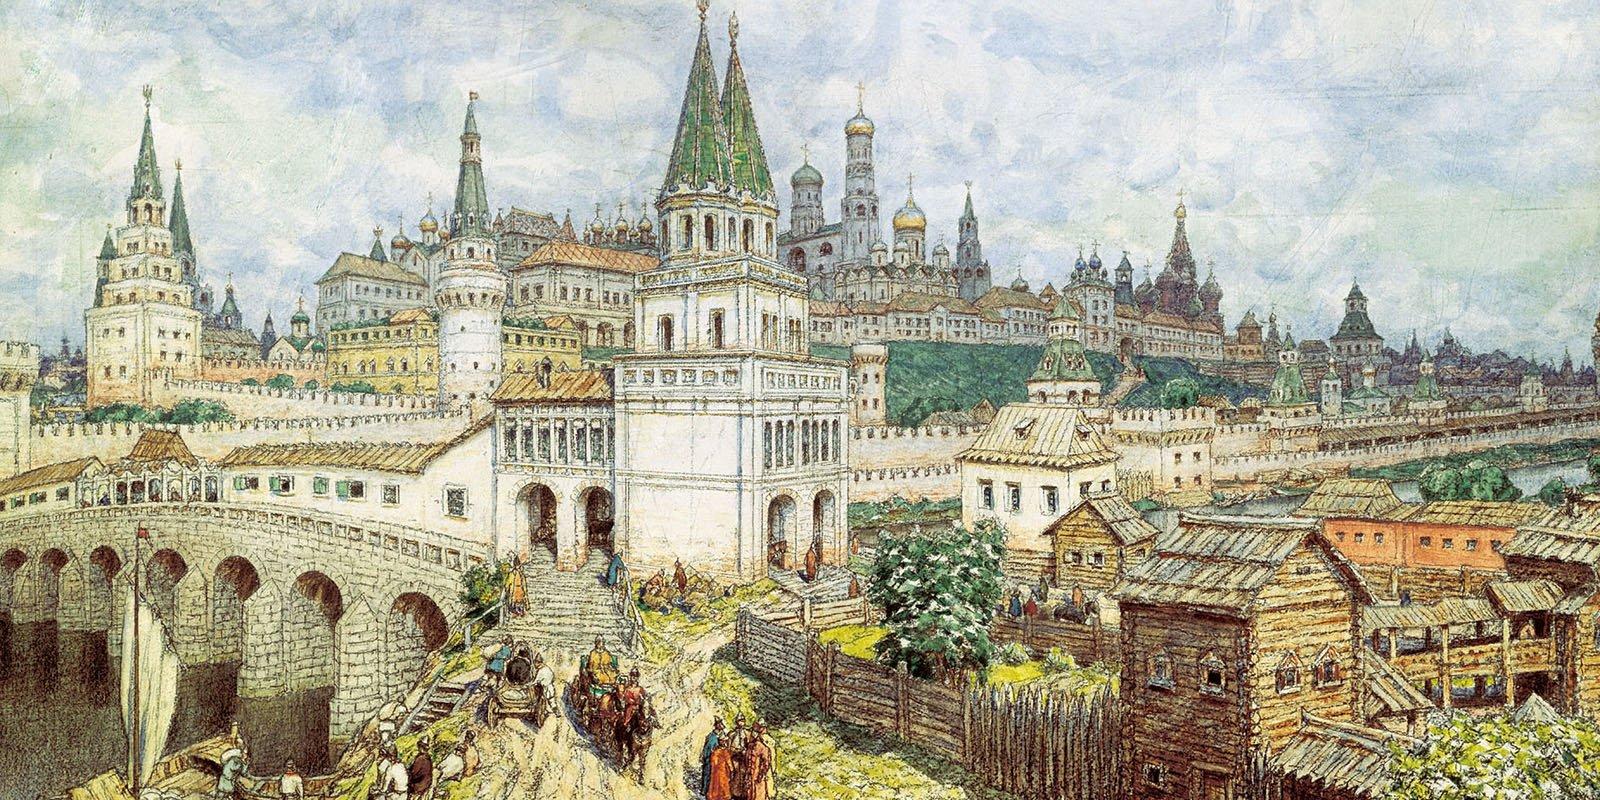 А. Васнецов. Расцвет Кремля. Всехсвятский мост и Кремль в конце XVII века. 1922 год